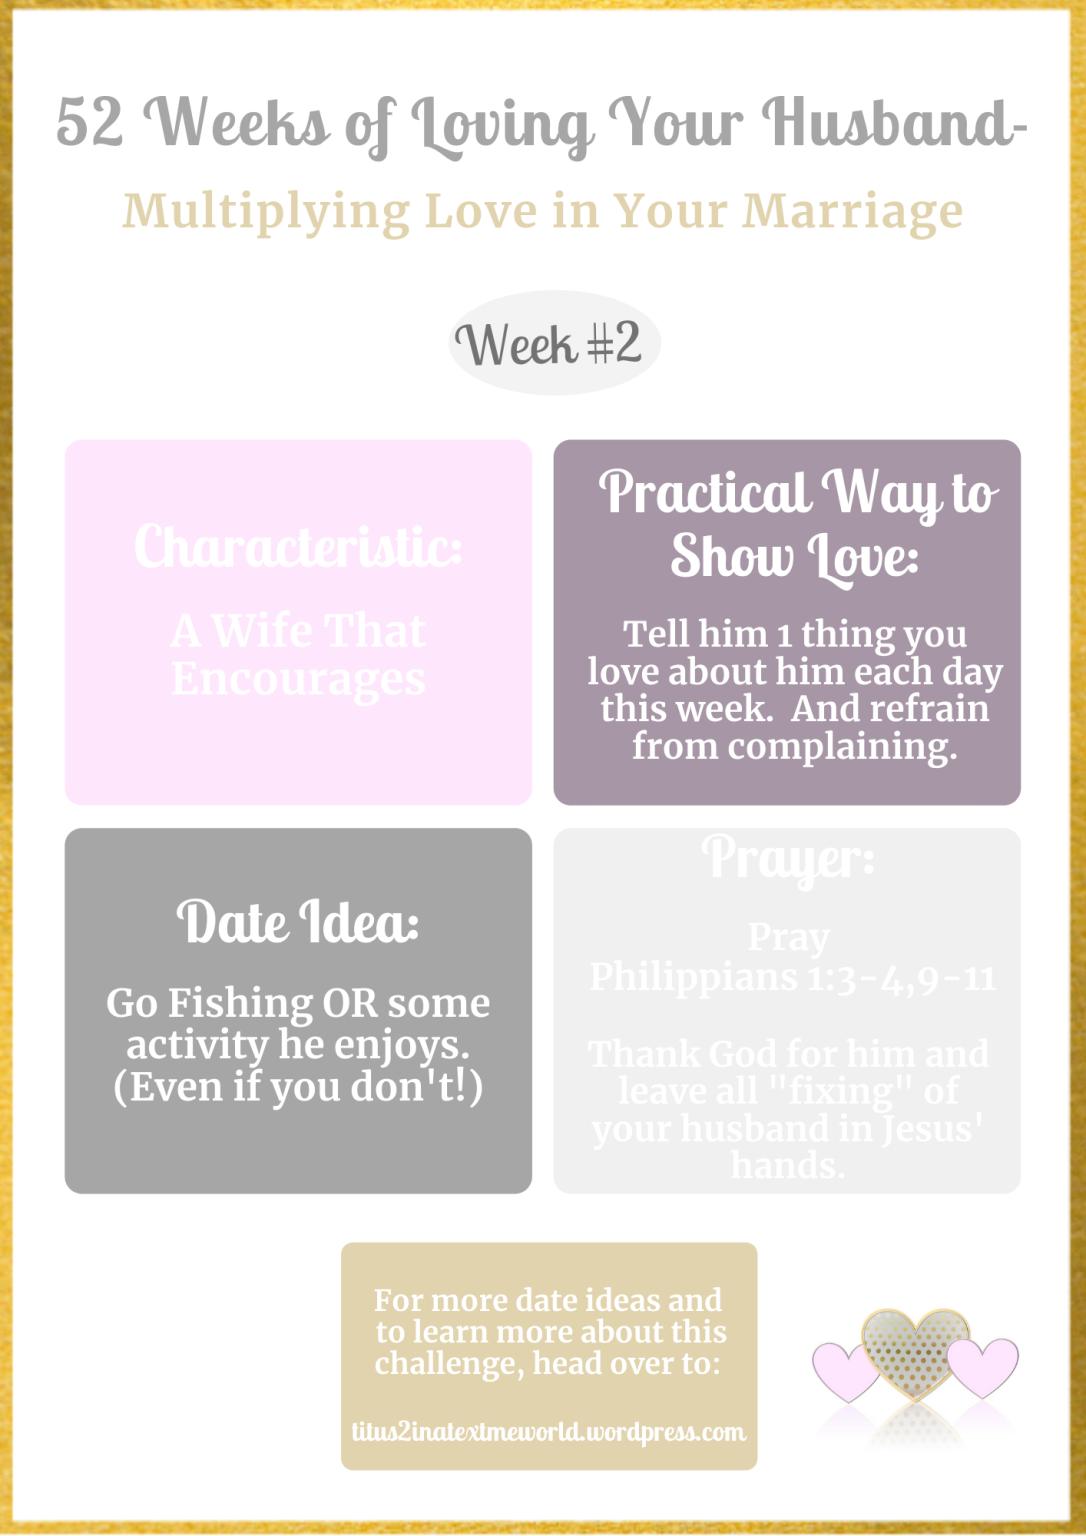 Multiply Love in Marriage Week 2